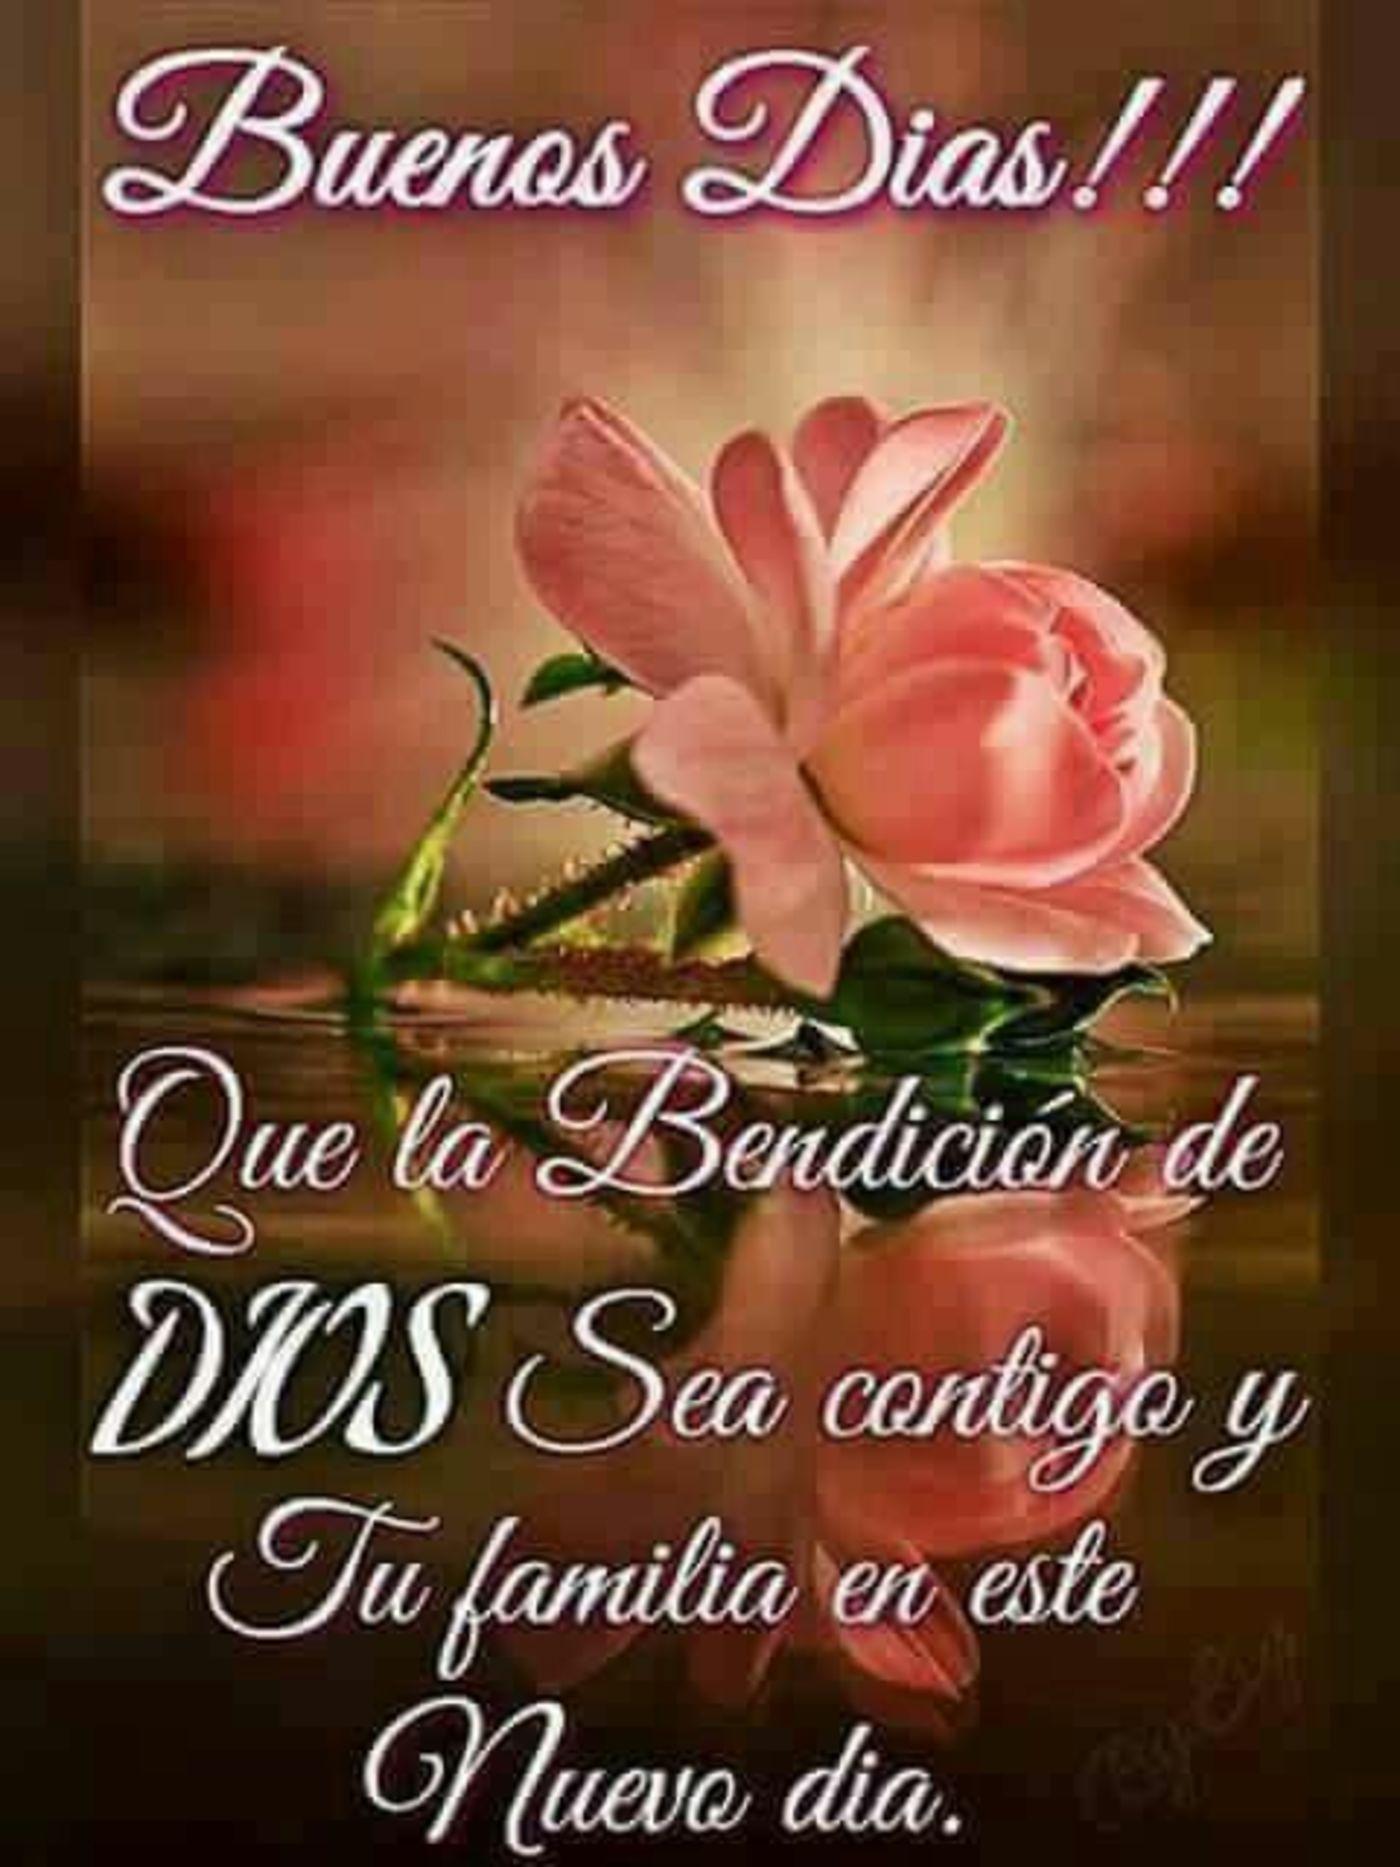 Que la bendición de Dios sea contigo y tu familia en este nuevo día